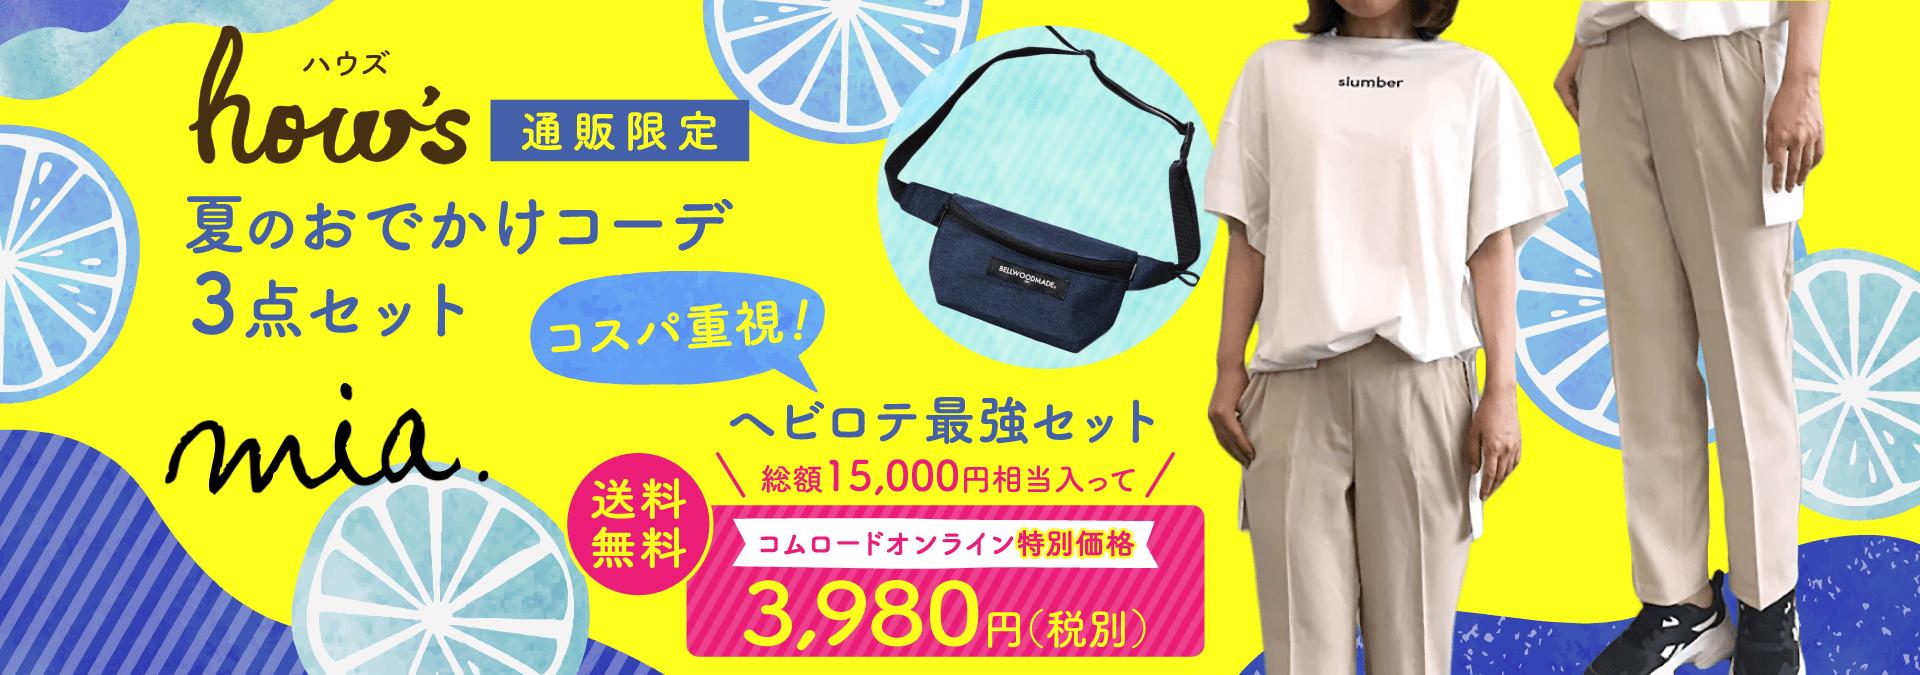 【3点セット】ハウズ(how's) mia.(ミア) 夏のおでかけコーデセット